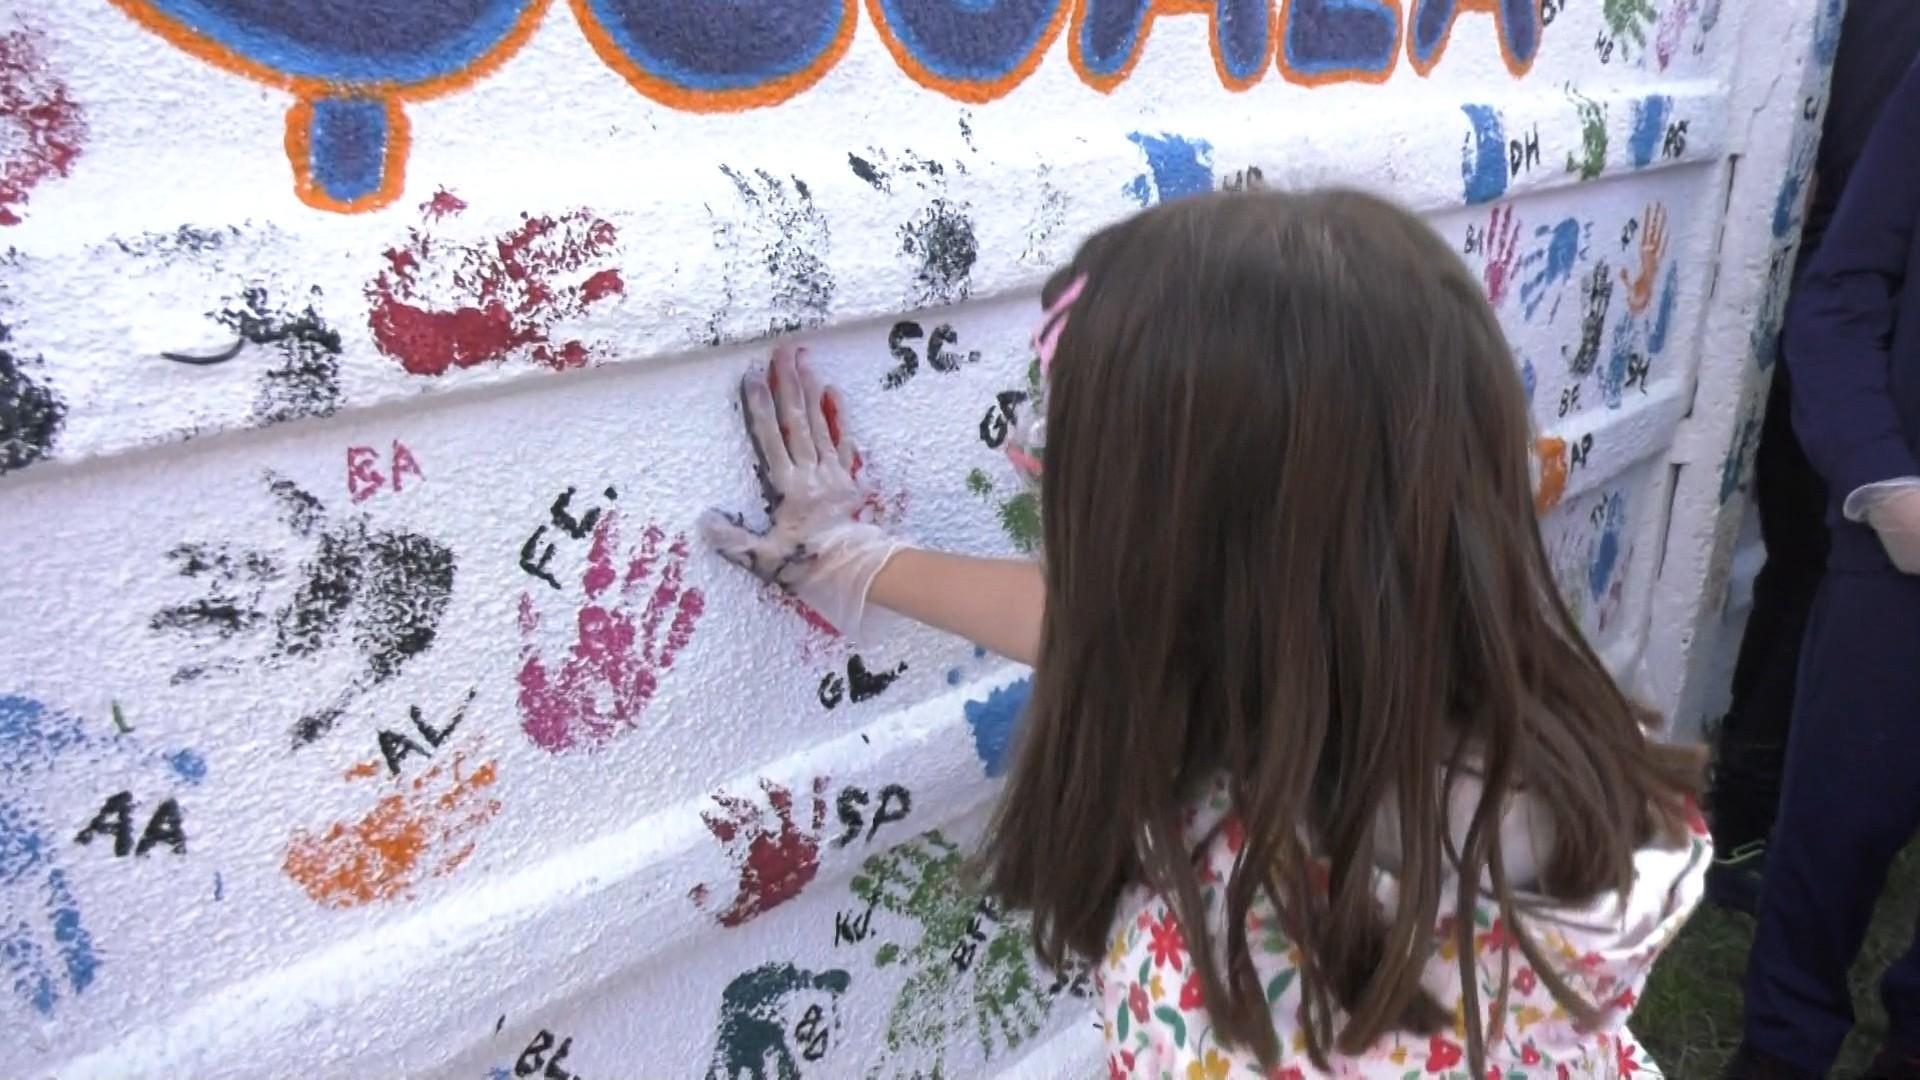 Zidurile unei şcoli din Oradea au prins viaţă şi culoare. Elevii şi-au pus la propriu amprenta asupra locului ce îi modelează